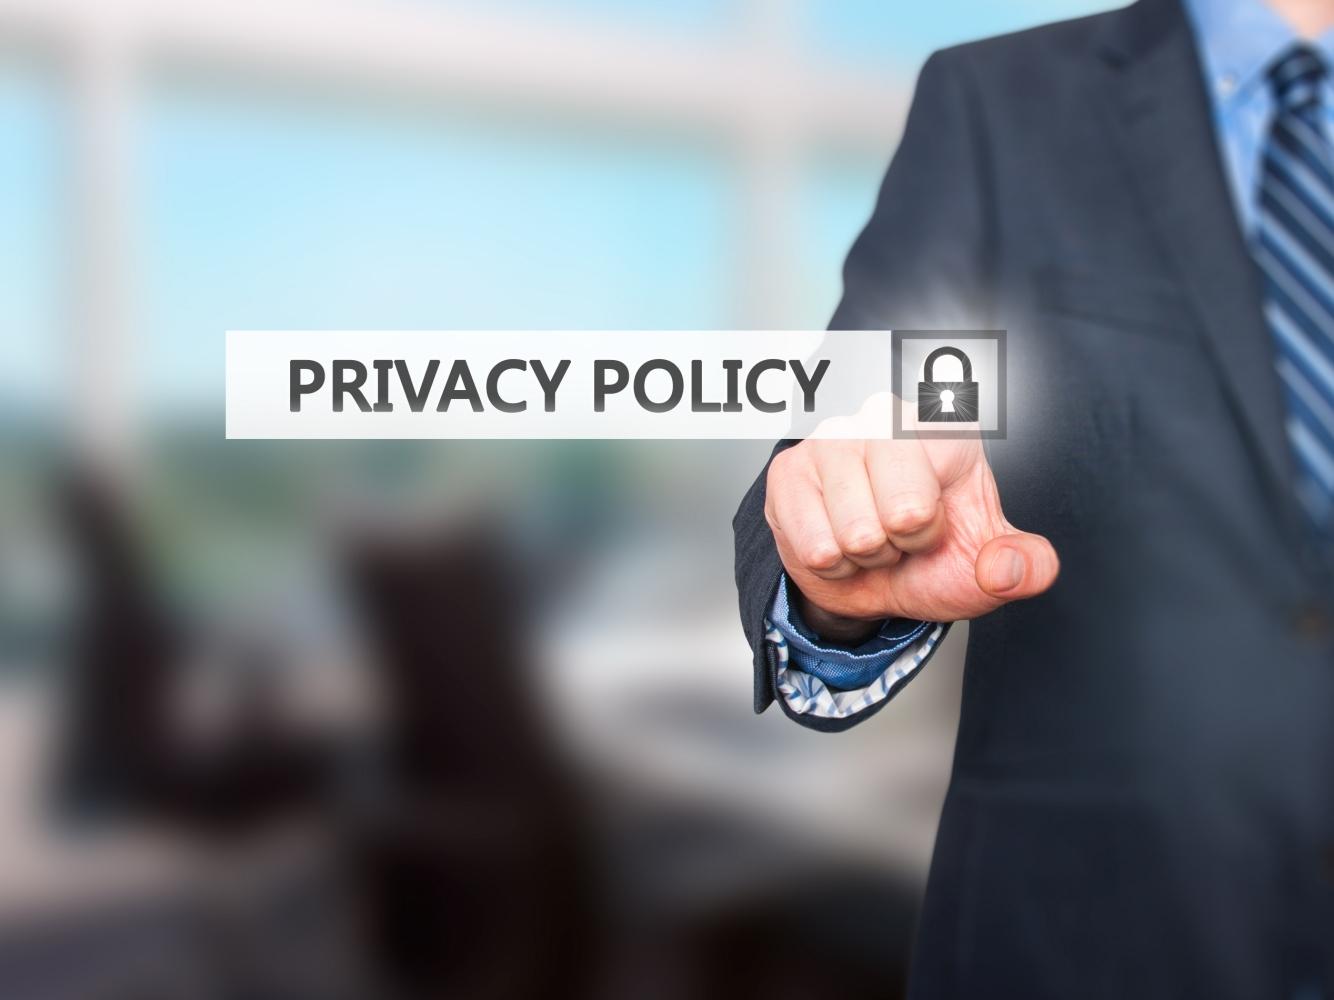 Polítiva Privacidad.jpg